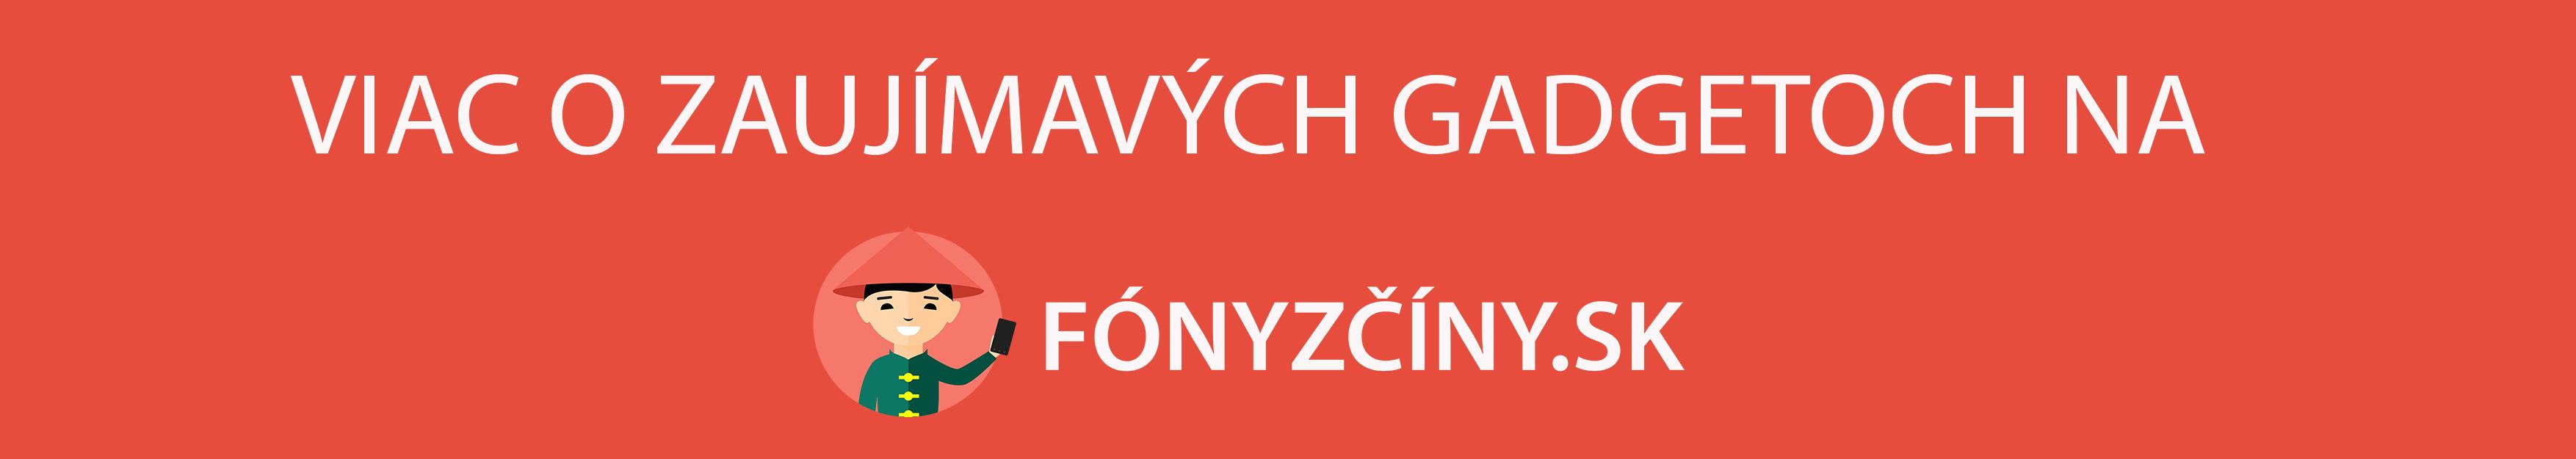 FONY Z CINY